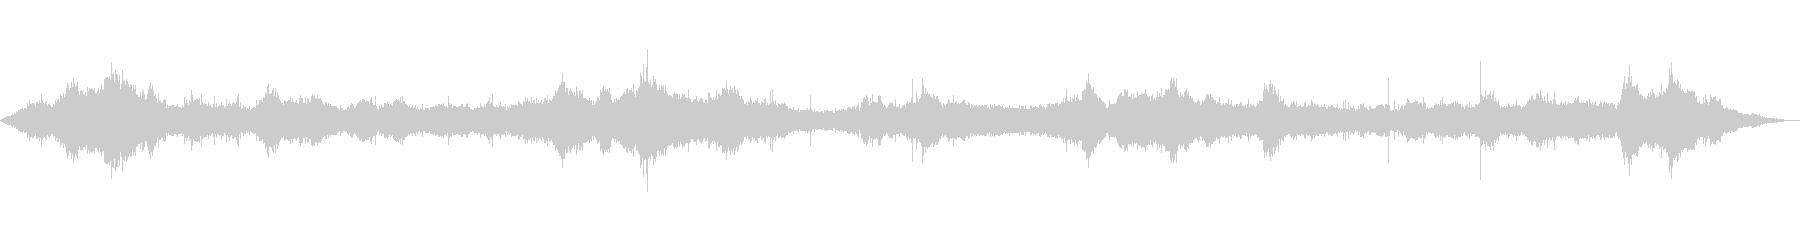 【自然音】波の音02(八丈島)の未再生の波形